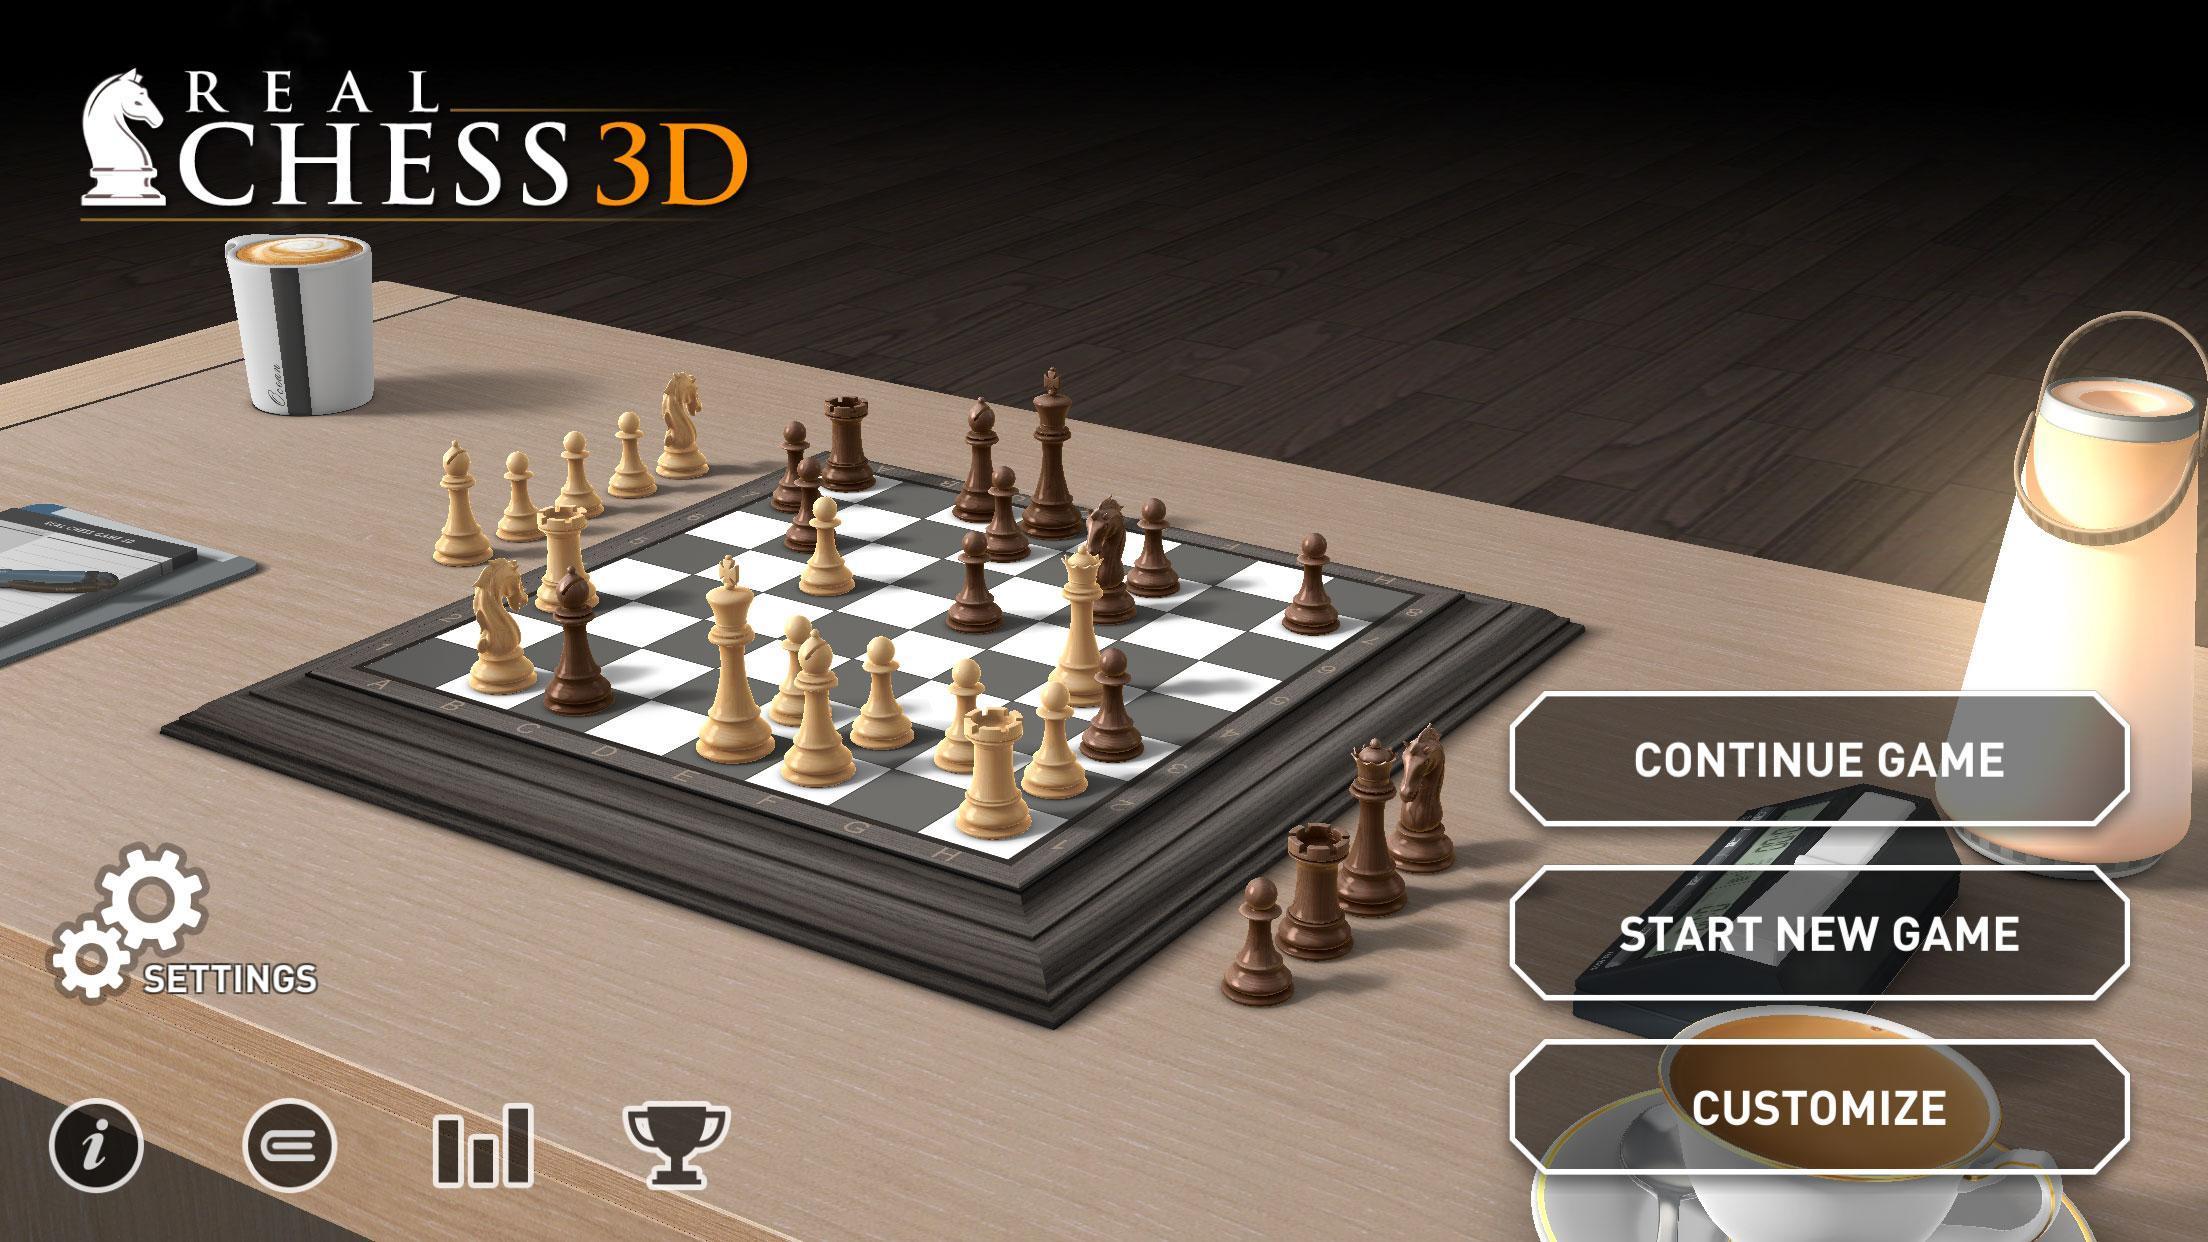 Real Chess 3D 1.24 Screenshot 19